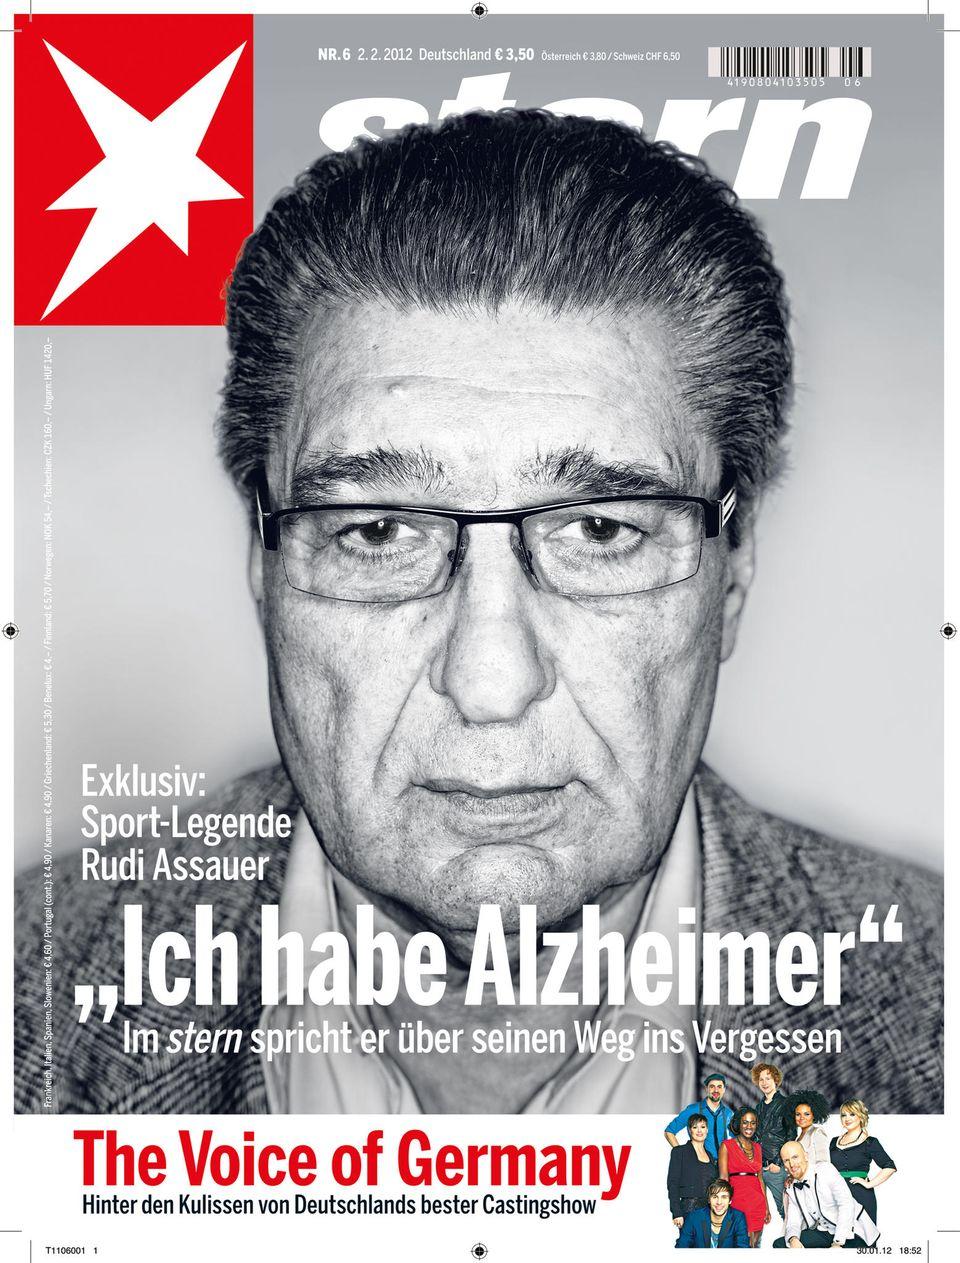 Titel-Geschichte von 2012: Als Rudi Assauer seine Alzheimer-Erkrankung im stern öffentlich machte